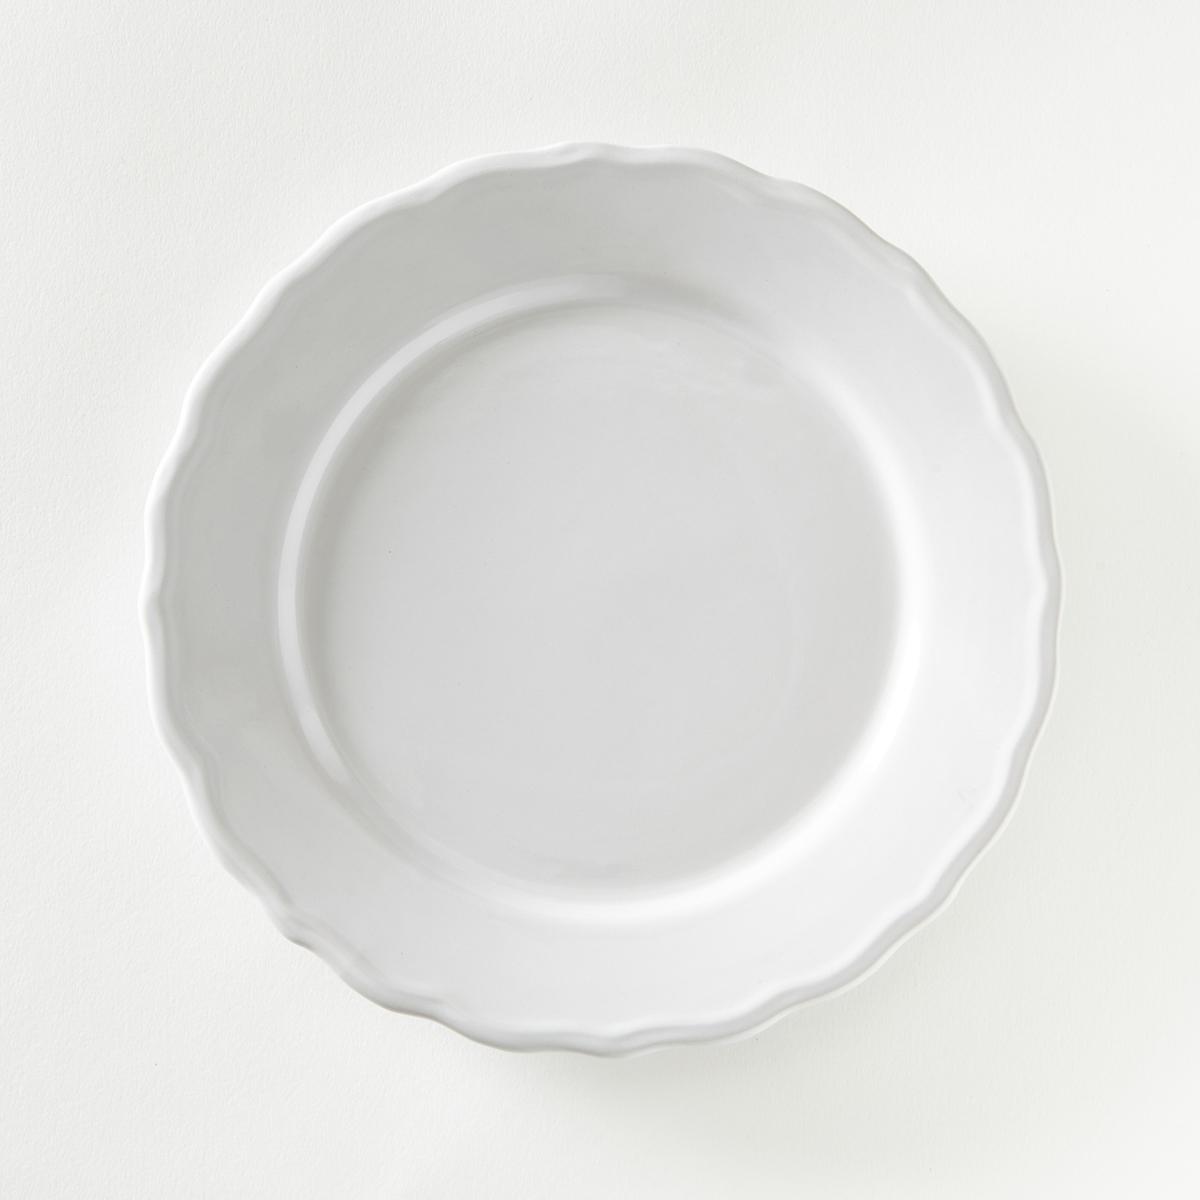 Комплект из 4 тарелок, AJILA LaRedoute La Redoute единый размер белый 3 настенных la redoute вешалки с крючками agama единый размер белый